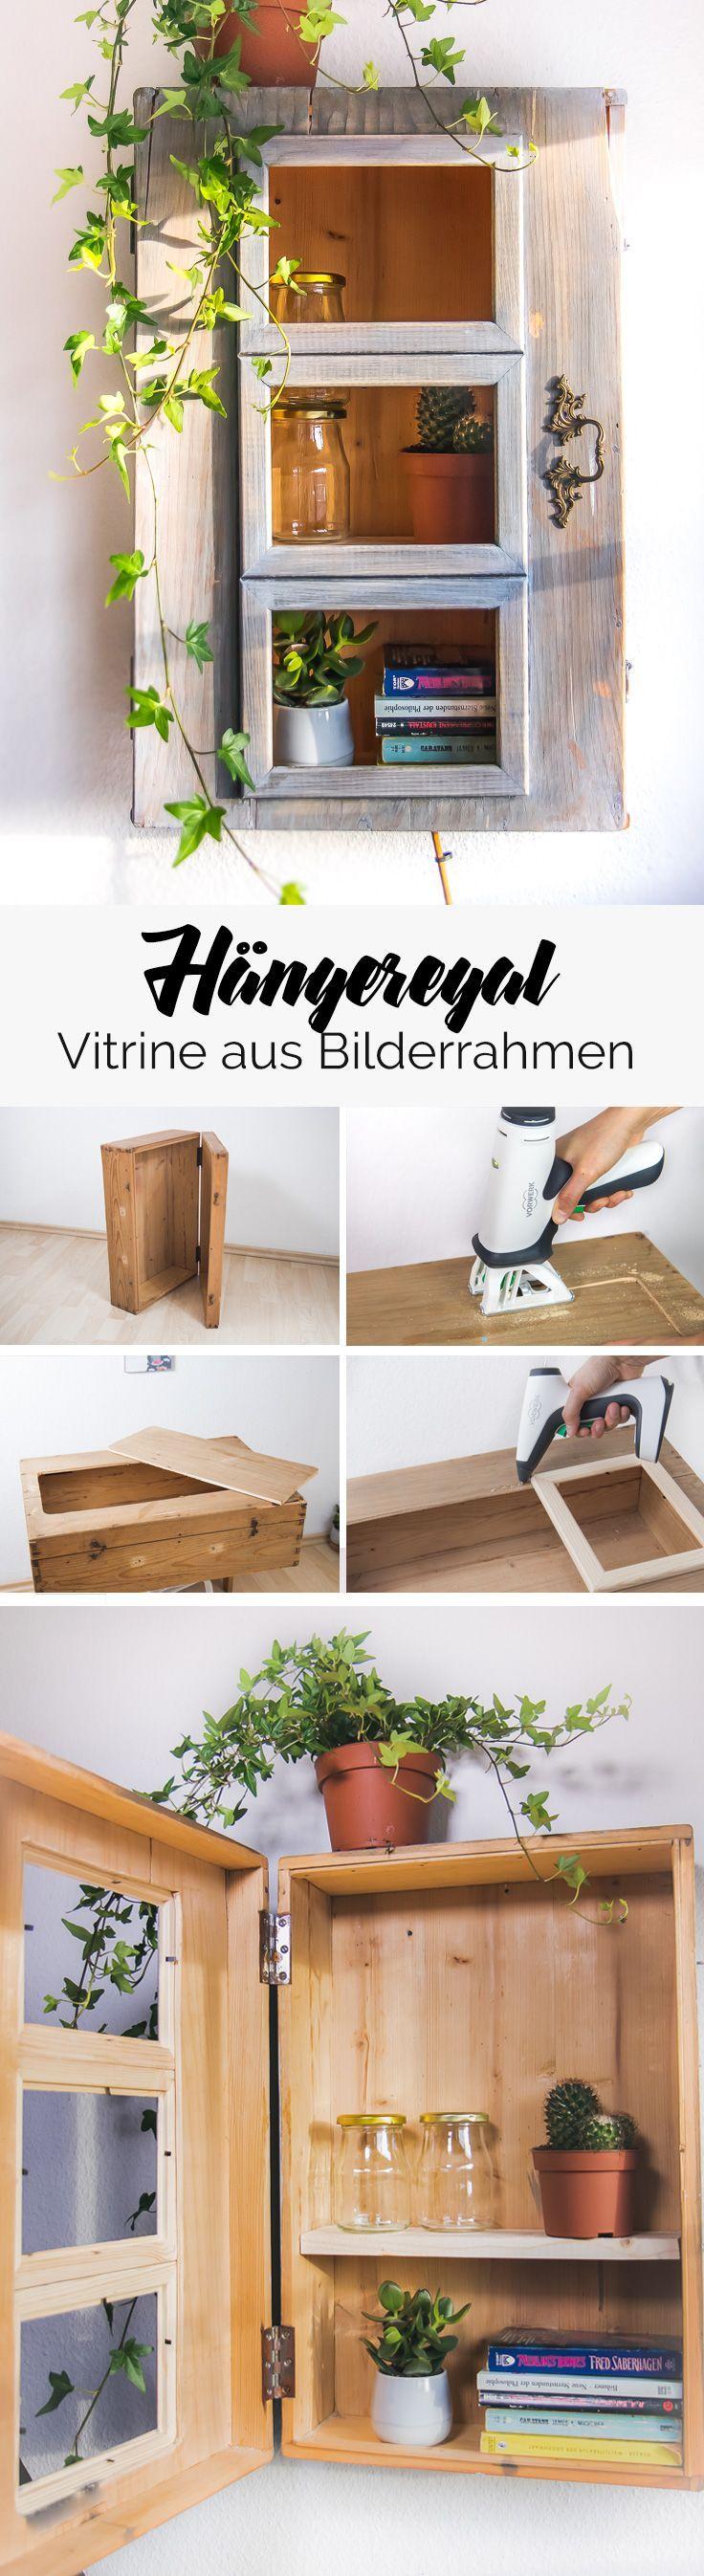 DIY Vitrinenschrank aus Holzmöbel & Ikea Bilderrahmen – einfach DIY!